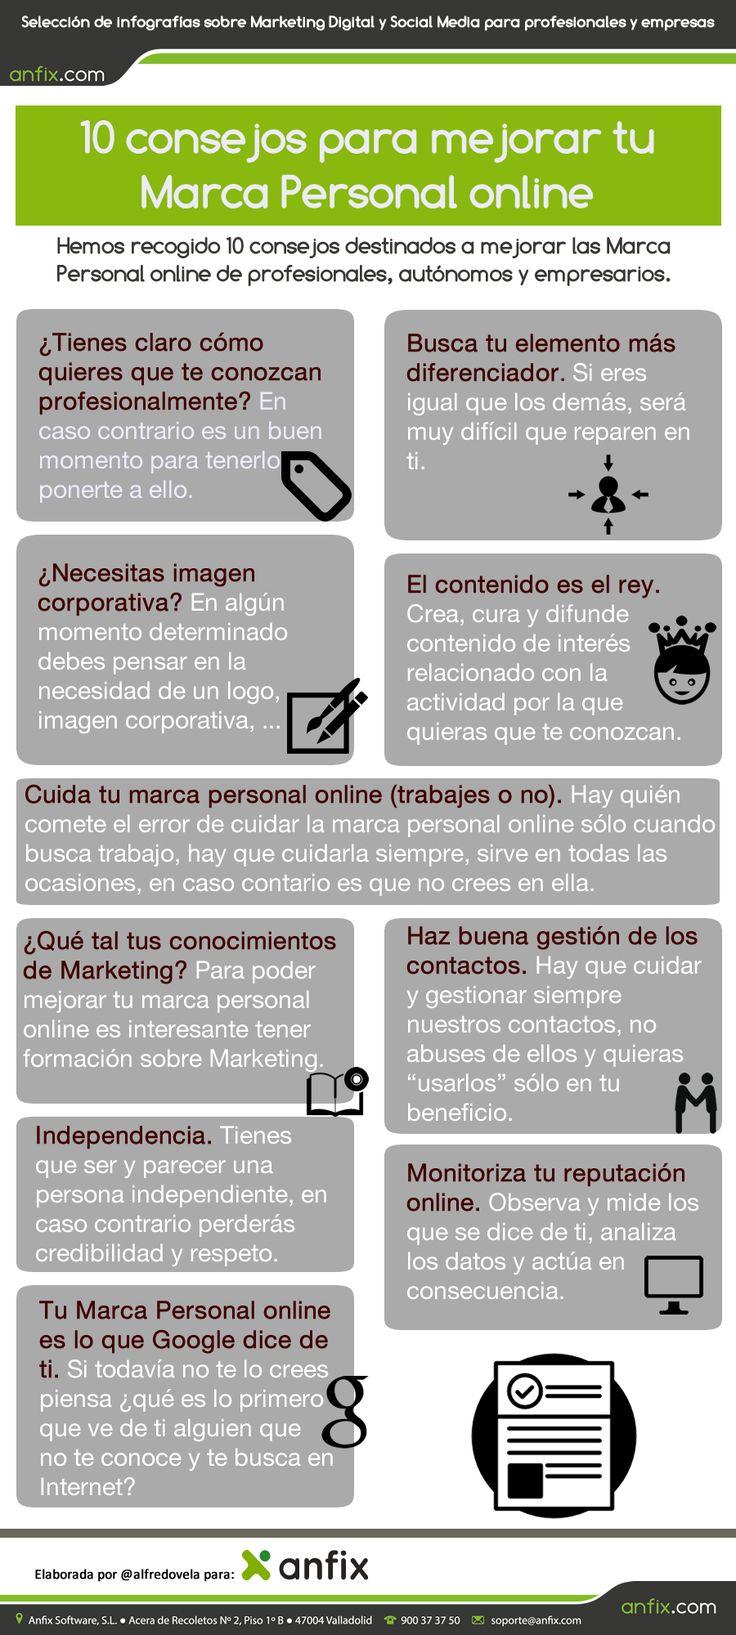 10 consejos para mejorar tu marca personal online. Infografía en español. #CommunityManager